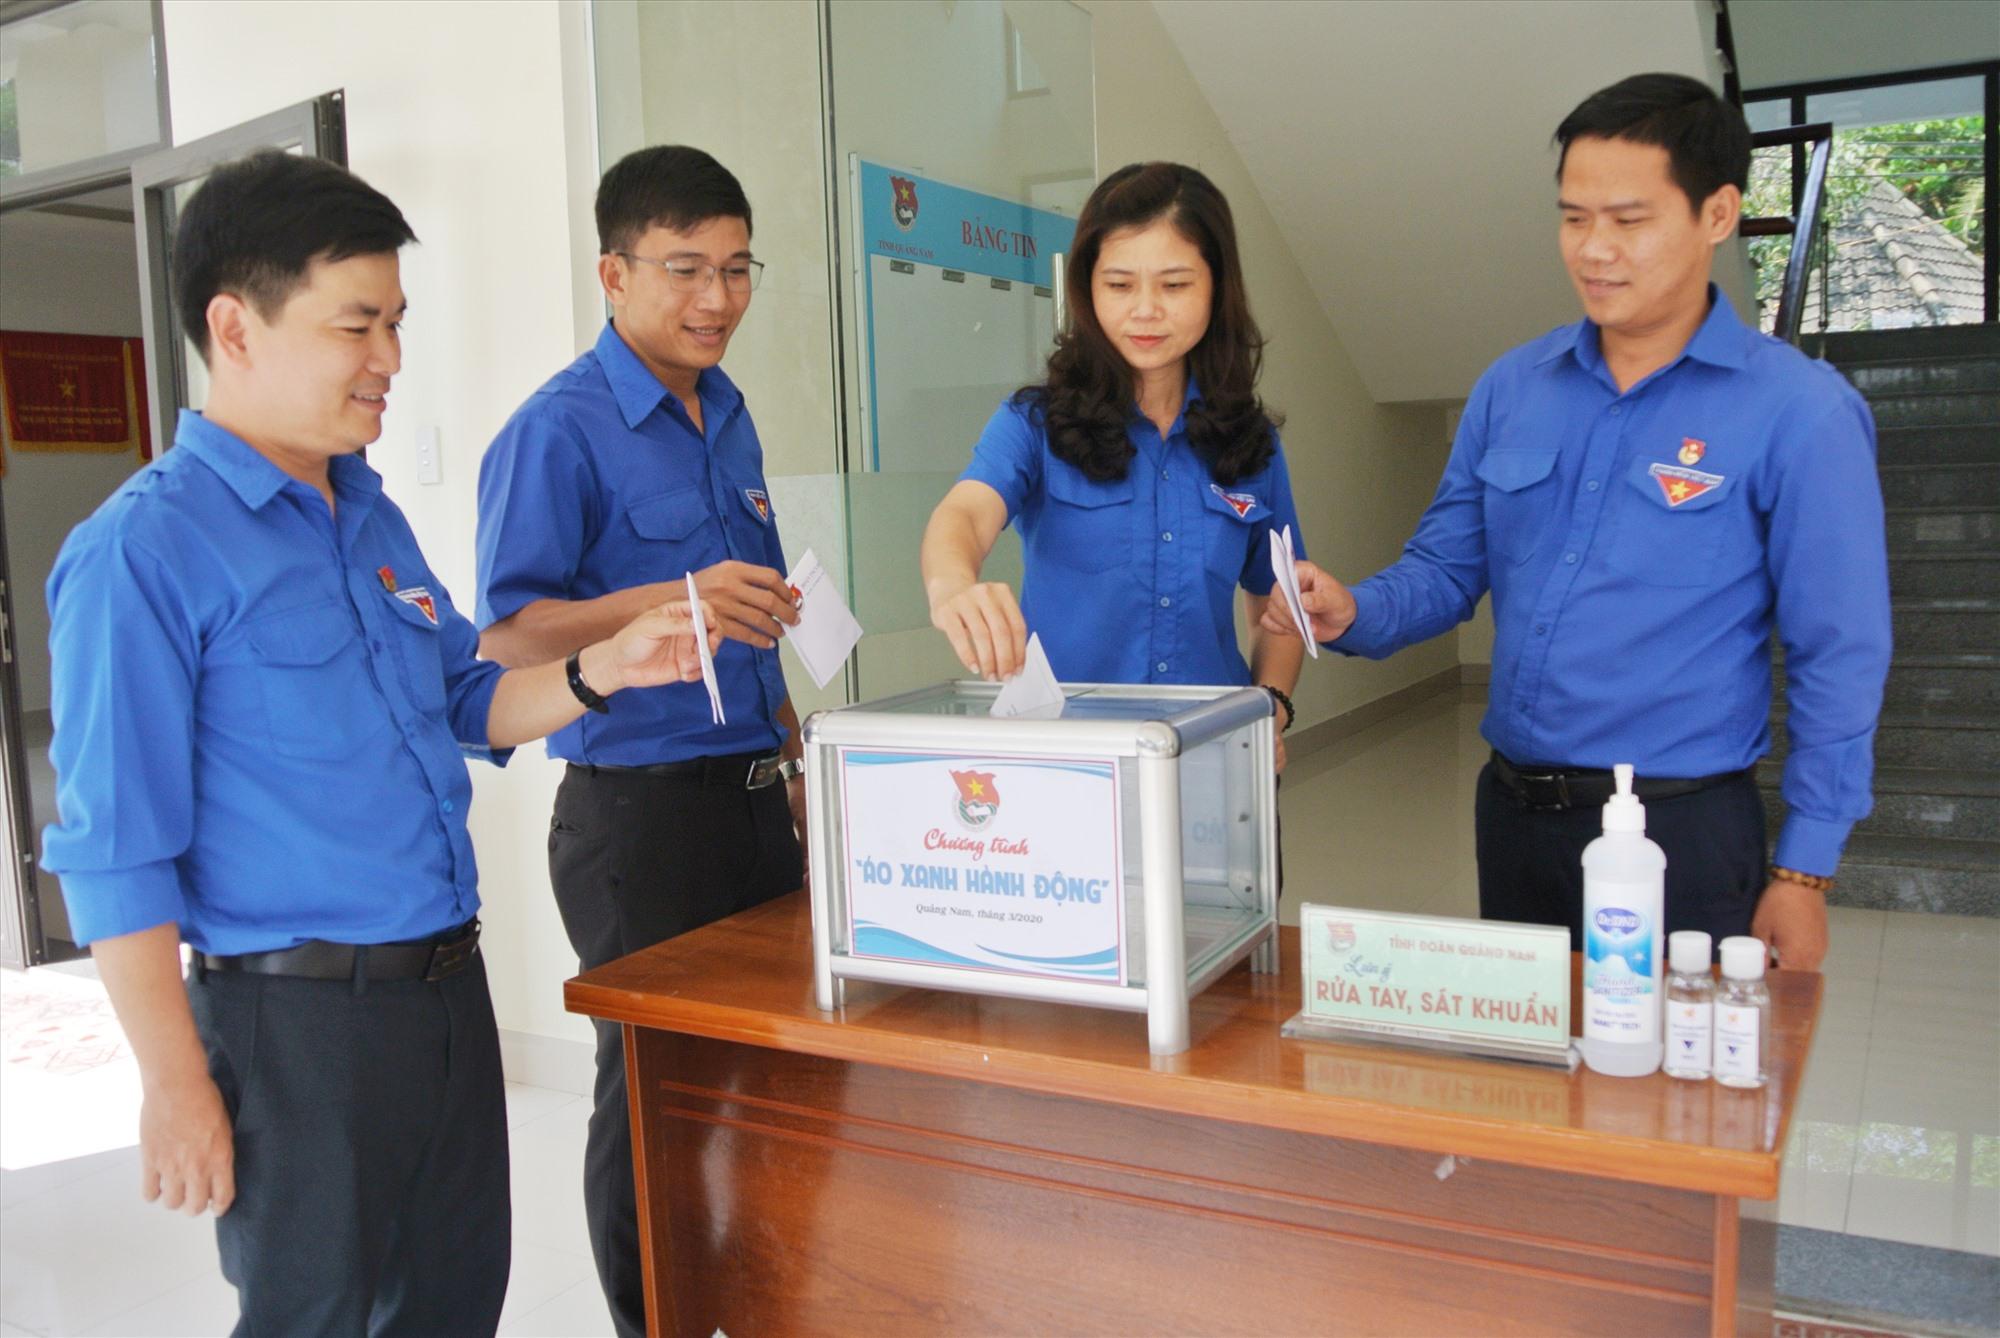 Cán bộ cơ quan Tỉnh đoàn tham gia ủng hộ chương trình.